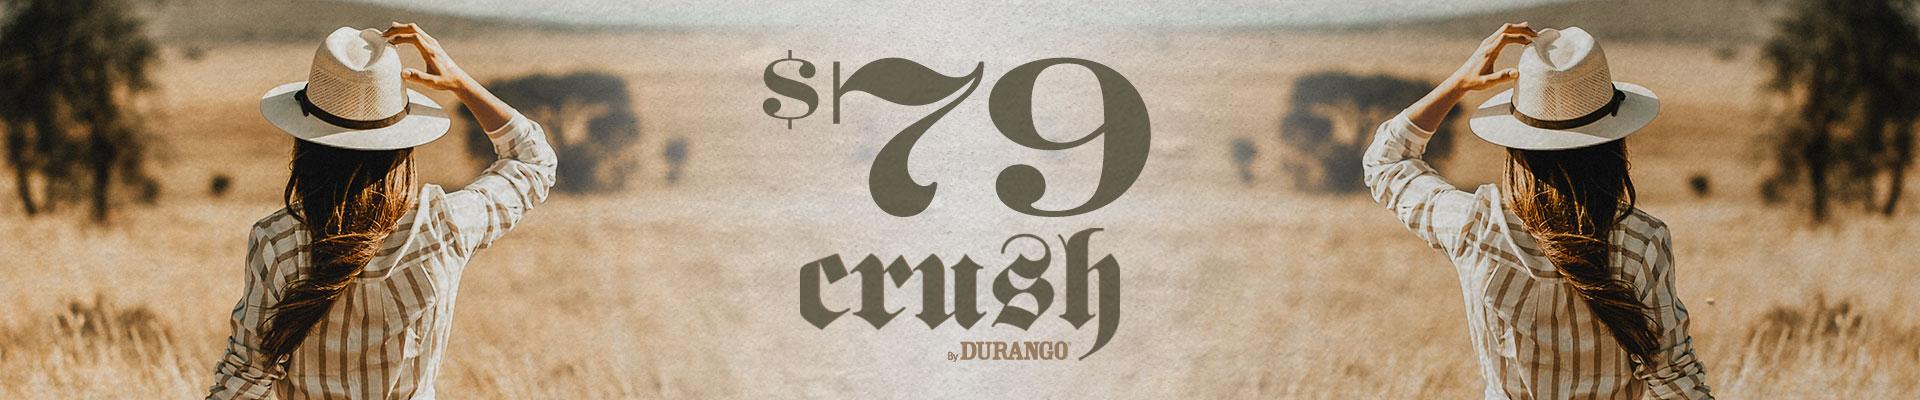 $79 Crush™ Styles